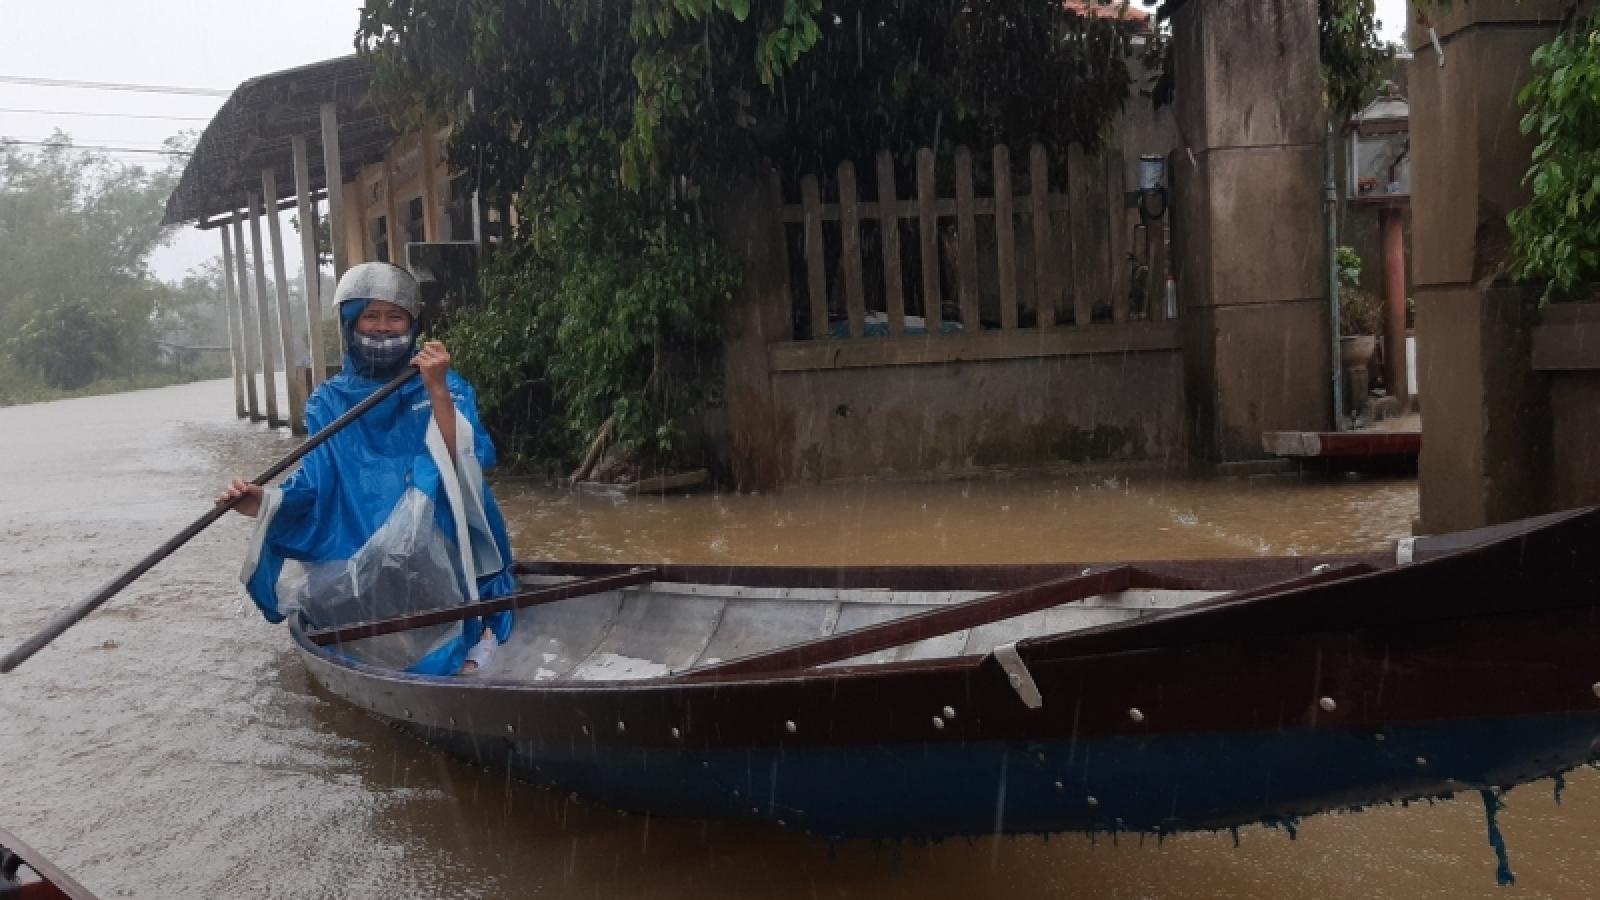 Mưa lớn gây ngập một số nơi ở Thừa Thiên - Huế, dân dùng thuyền đi lại trên đường